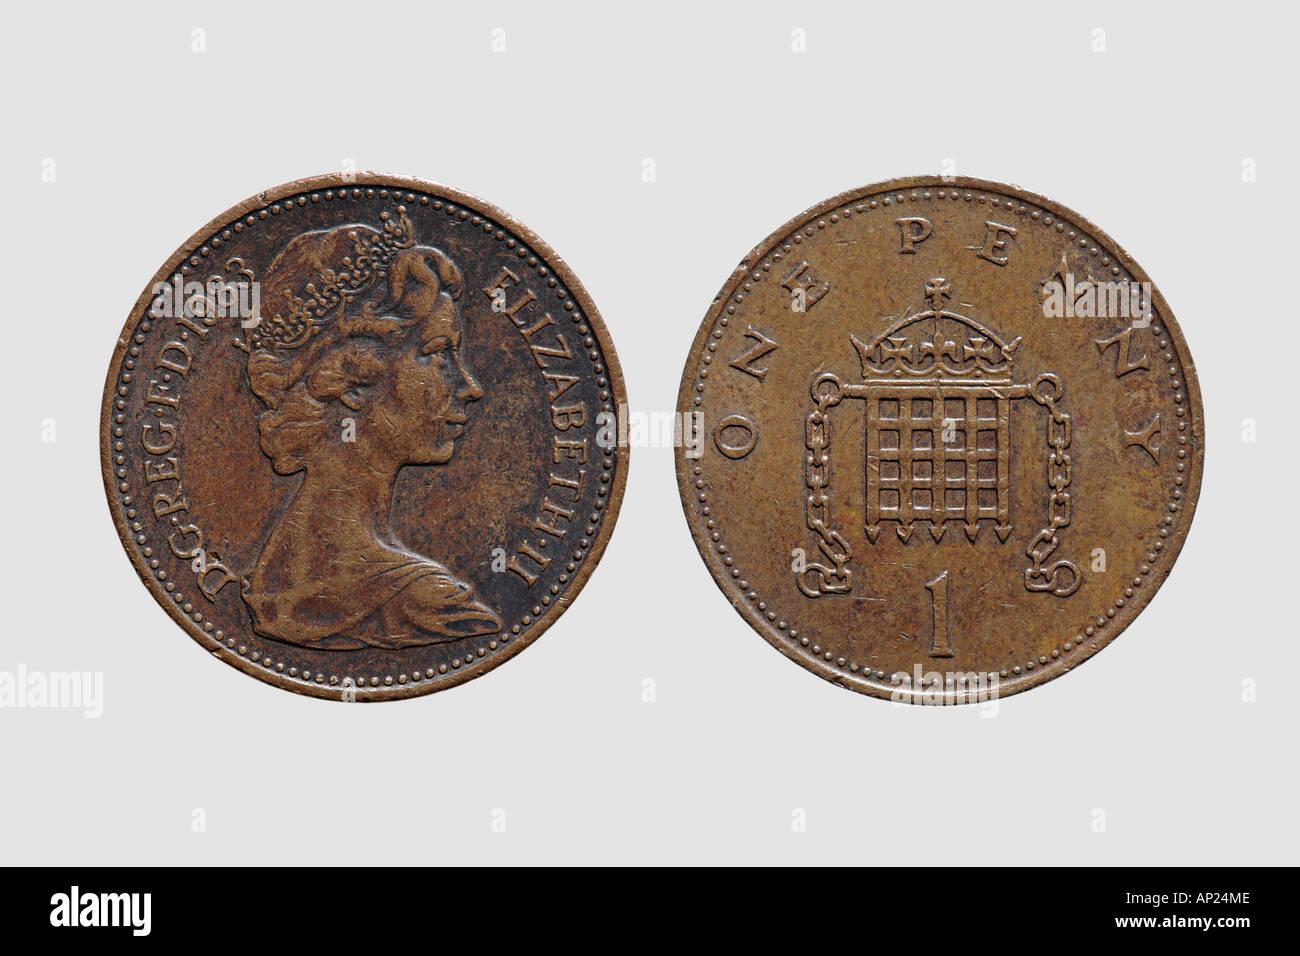 Vorder Und Rückseite Einen Cent Münze Britische Währung Gbp Pfund